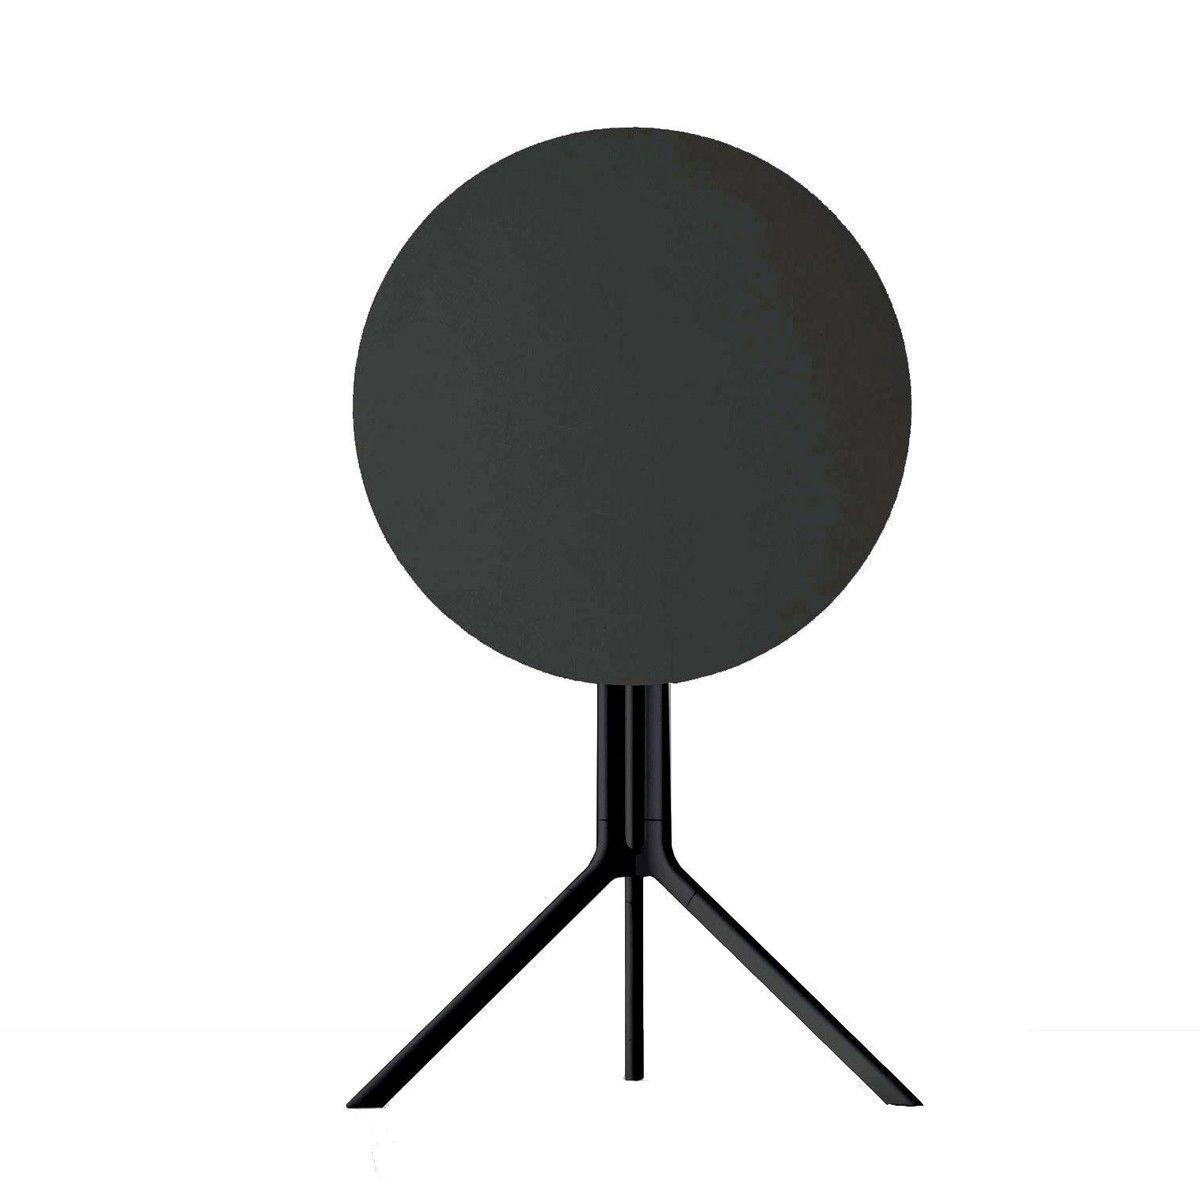 Gartentisch rund klappbar  Poule Bistro Tisch rund Ø 60cm | Kristalia | AmbienteDirect.com